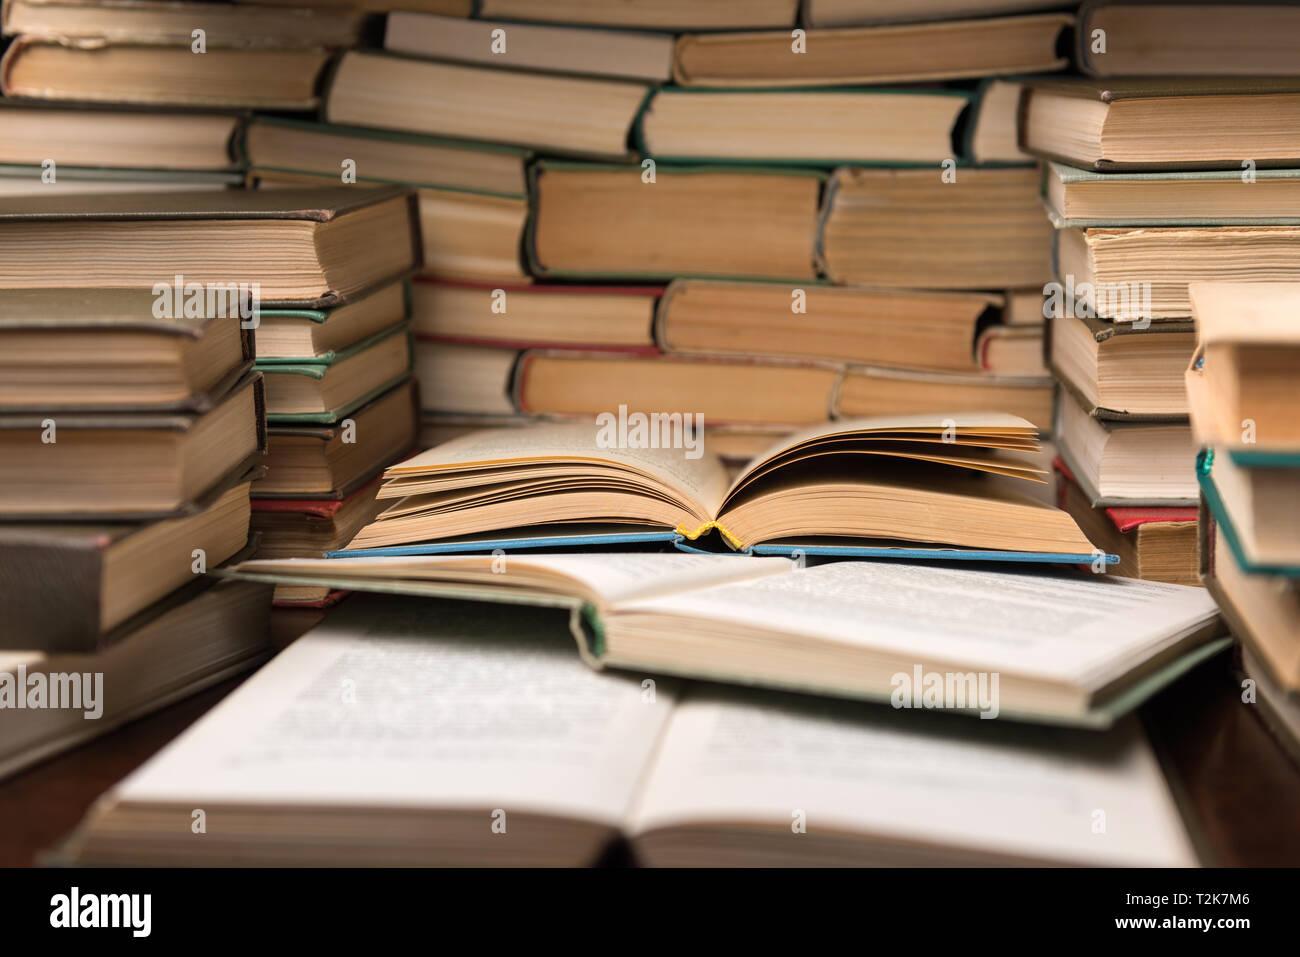 Libri Aperti Immagini e Fotos Stock - Alamy